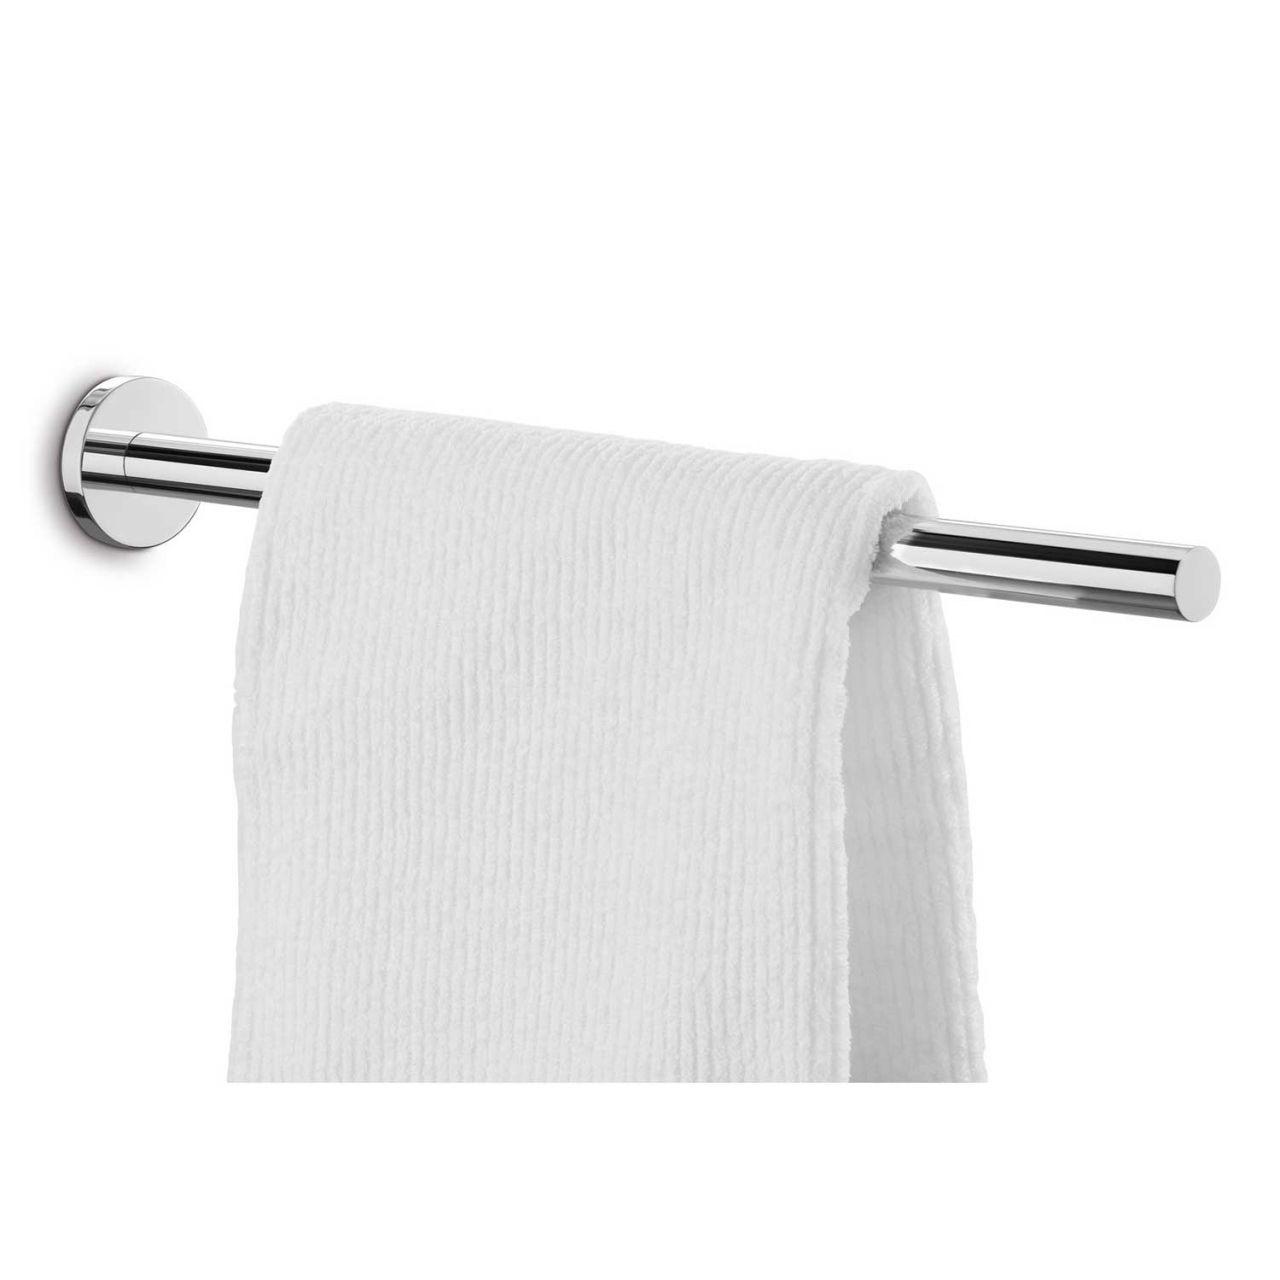 06 2020 Edelstahl Handtuchhalter Test Die aktuell